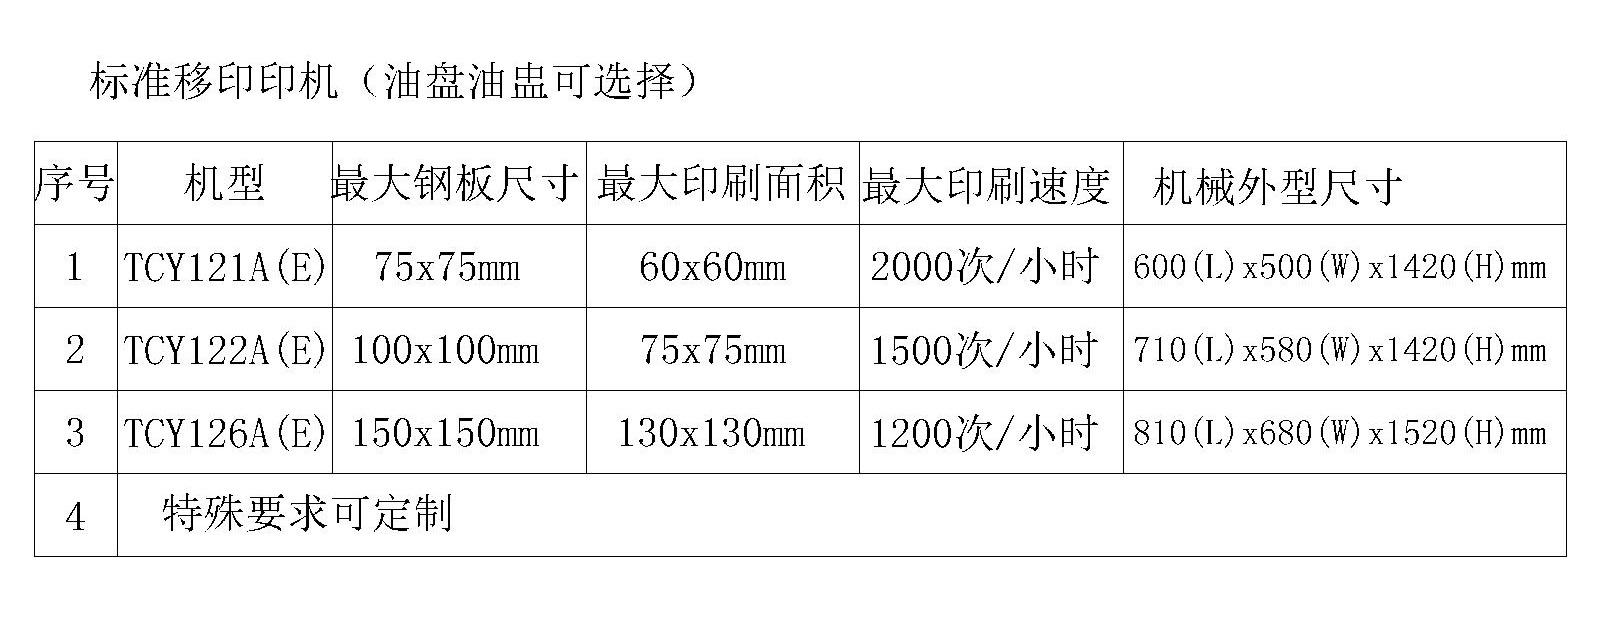 標準移印印機參數.jpg